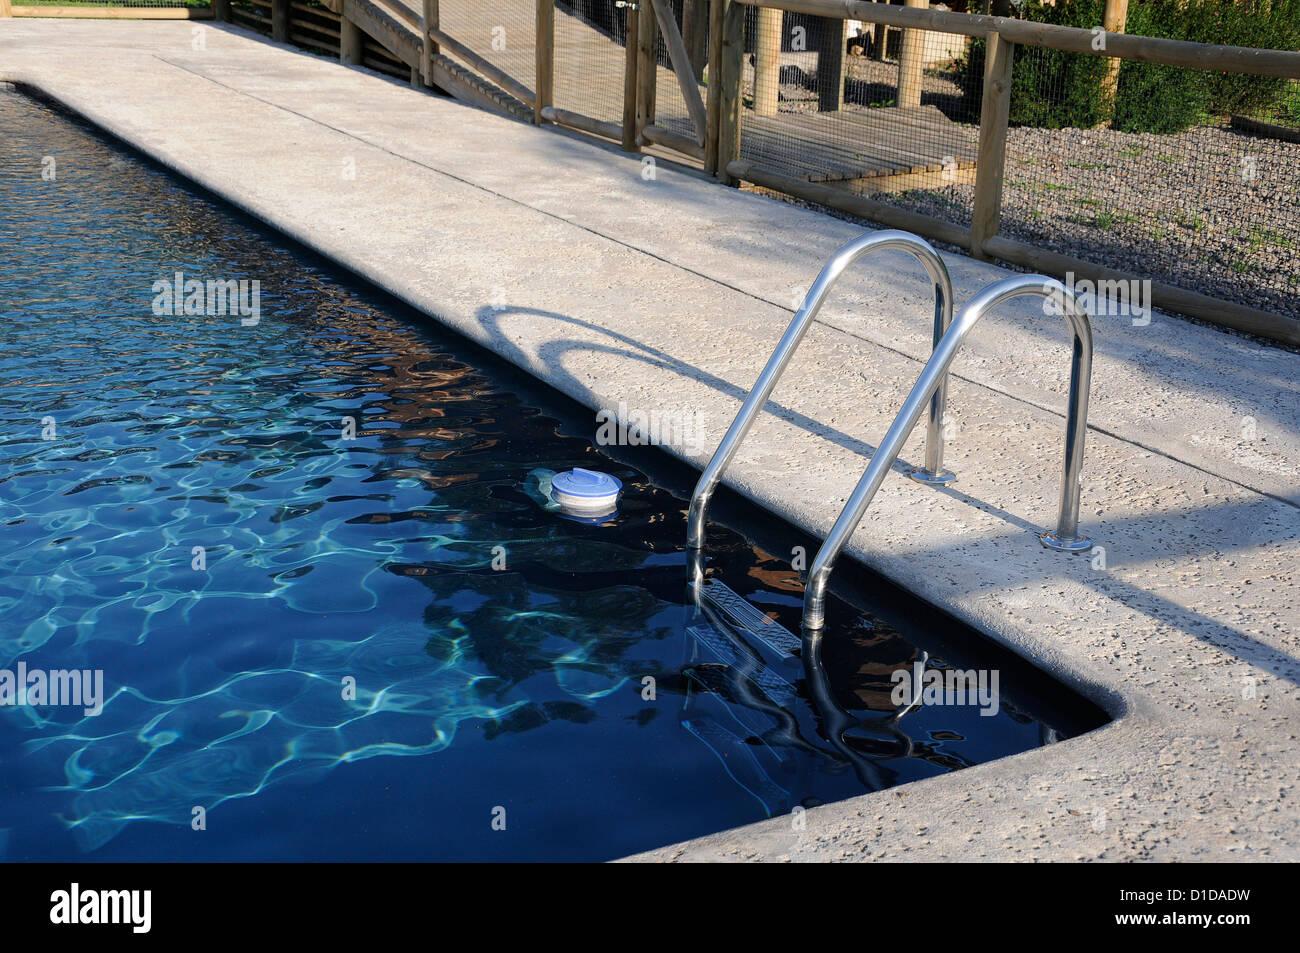 Piscina con agua azul océano Imagen De Stock